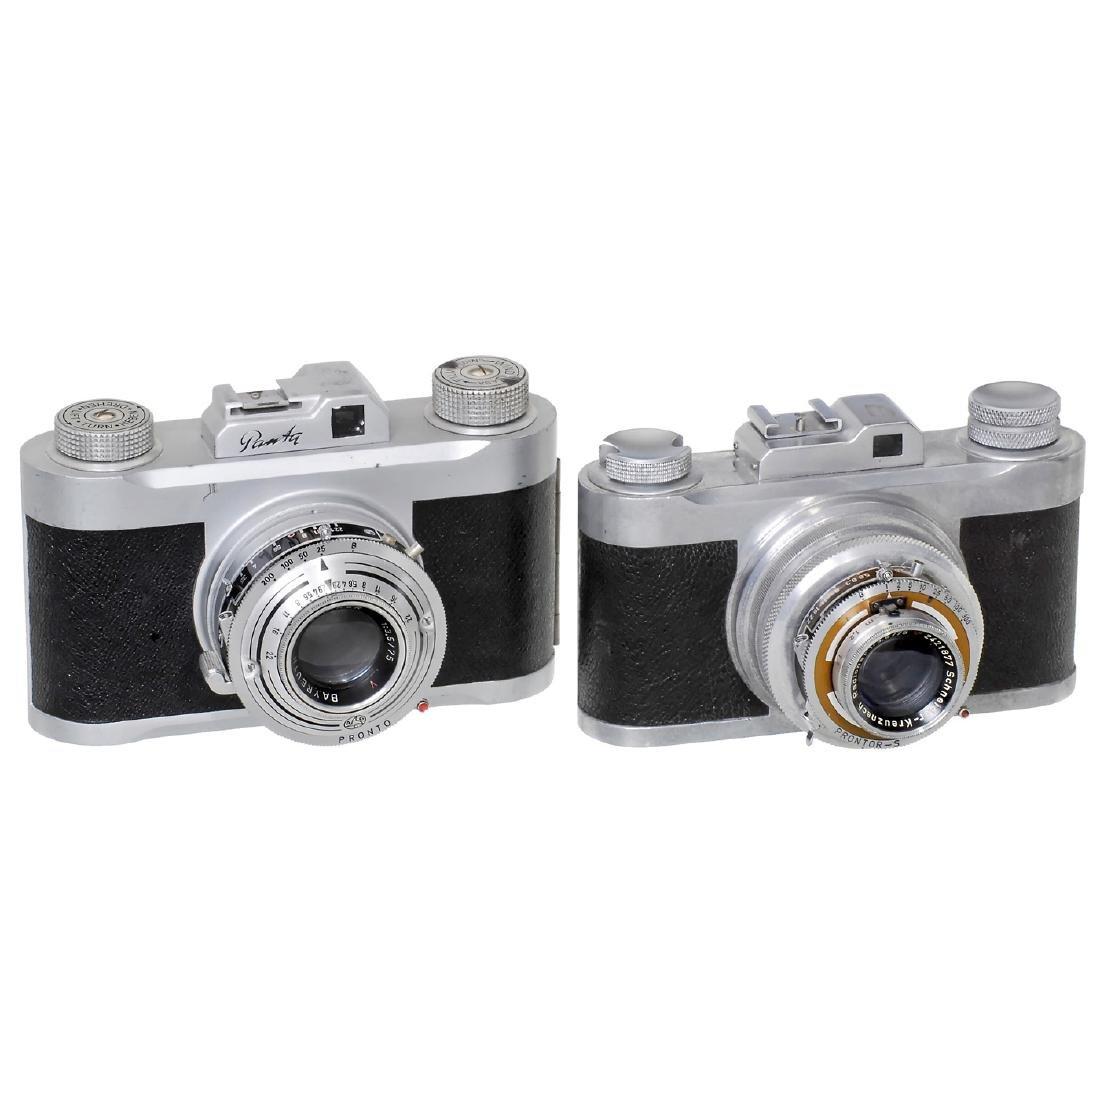 Panta 4,5 x 6 and Panta 6 x 6, 1950-1952